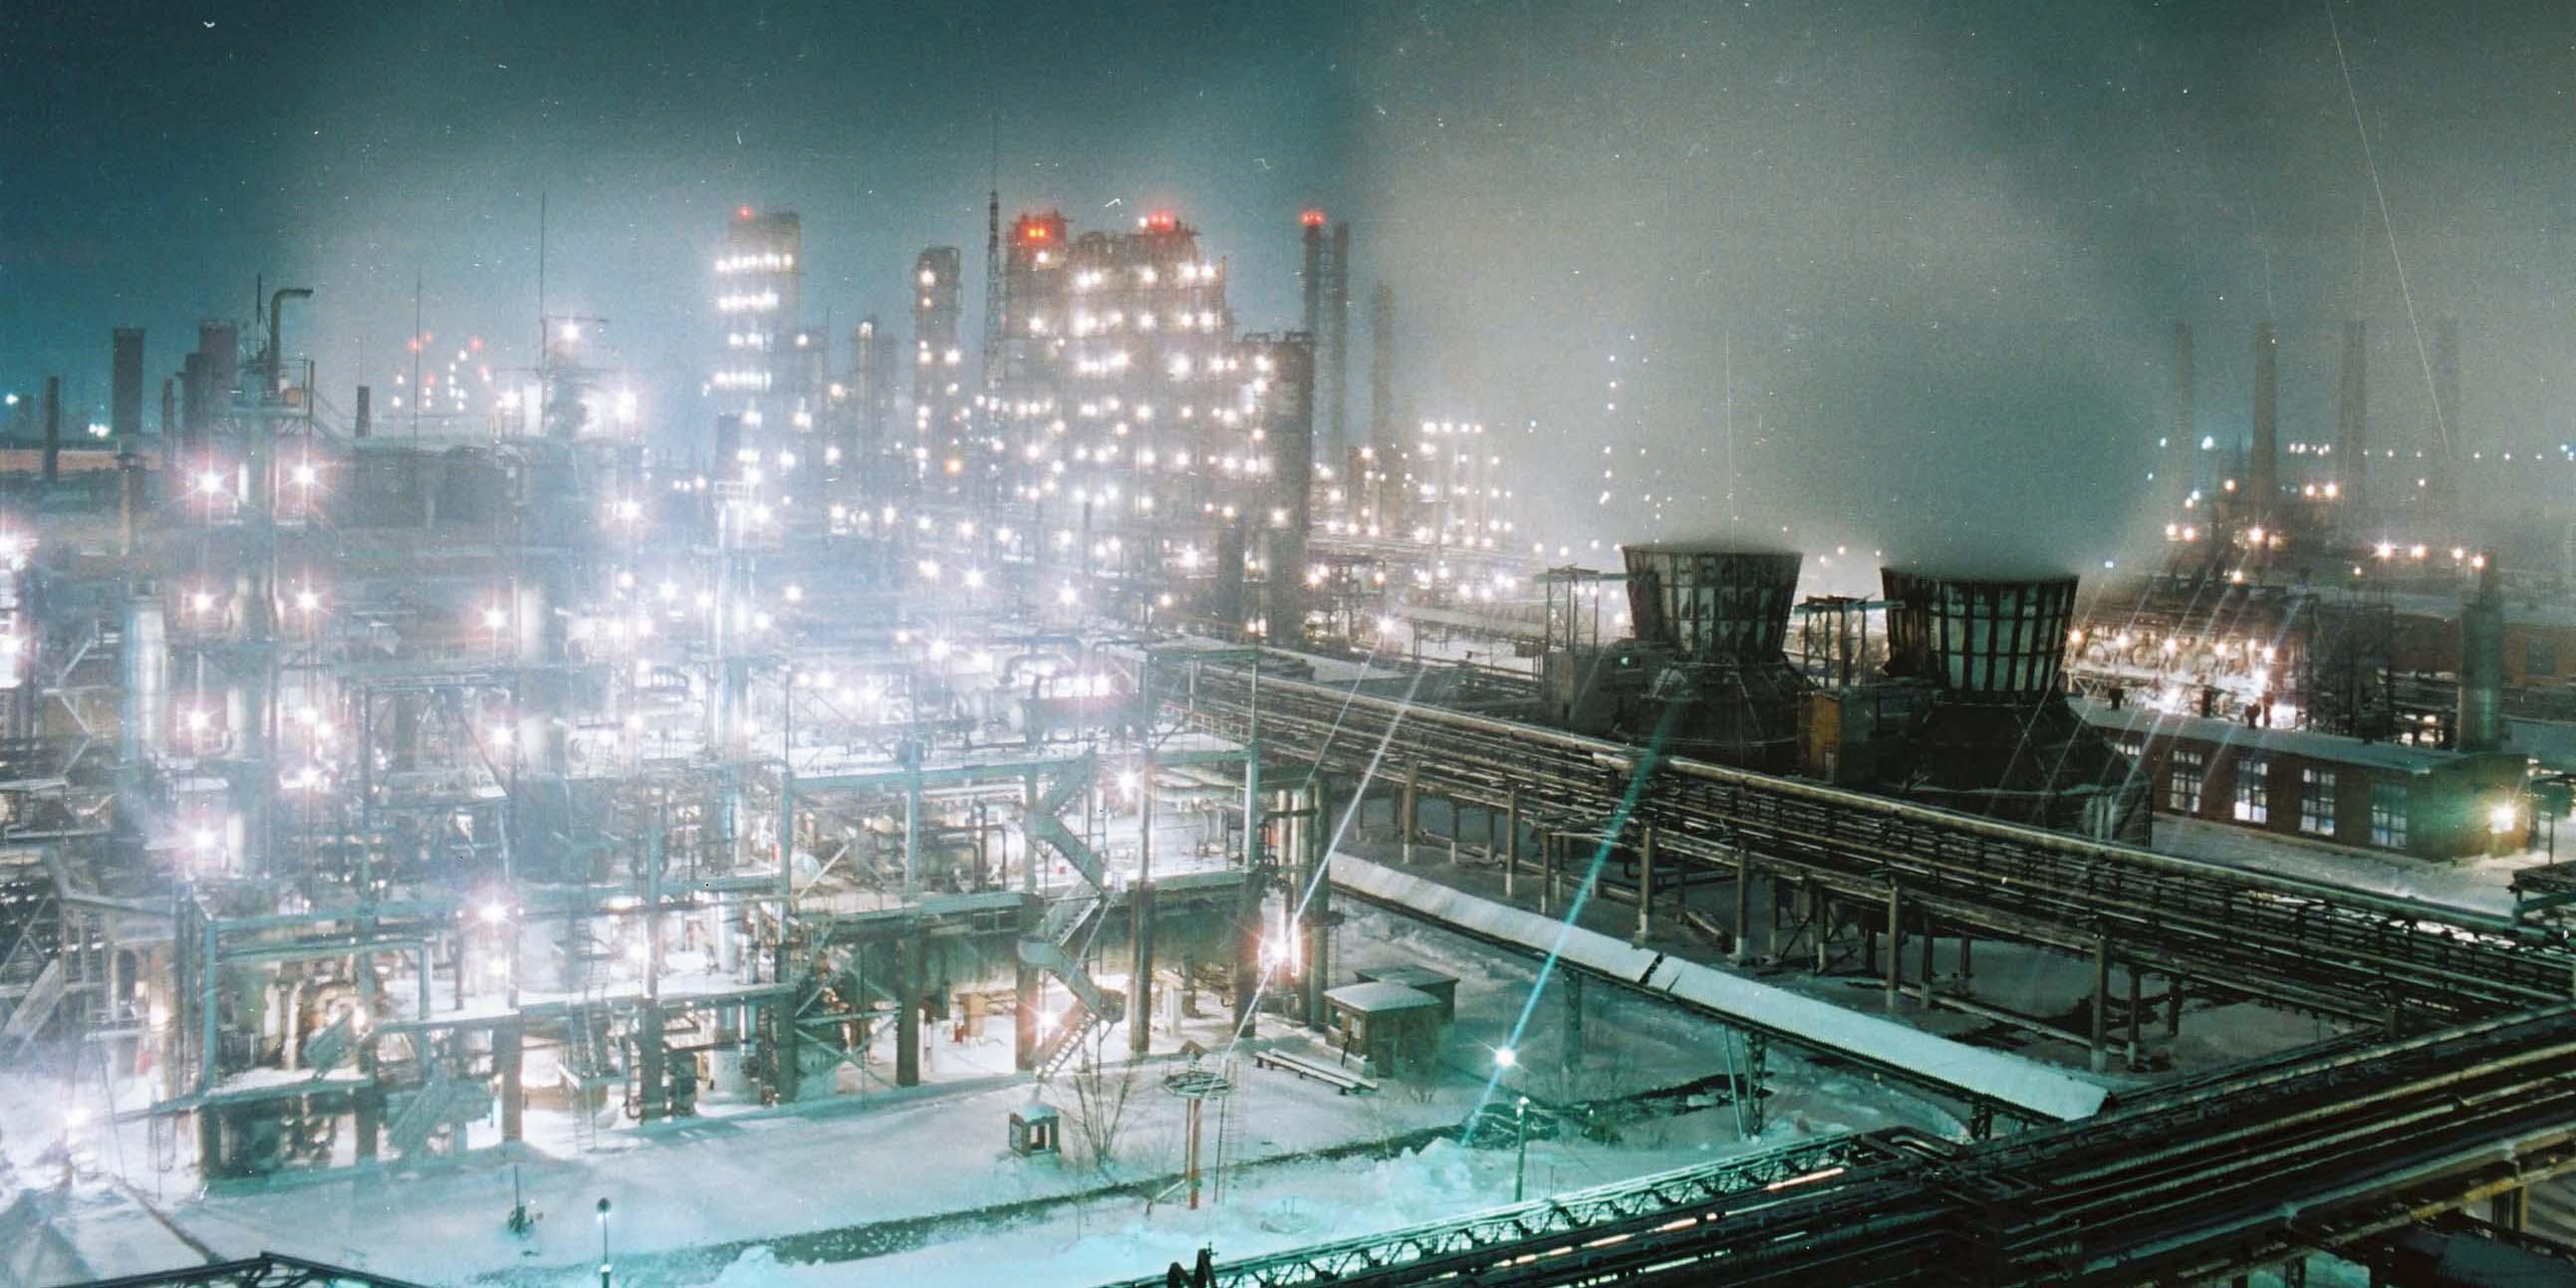 بهره برداری از طرح جداسازی برش سبک هیدروکربنهای پتروشیمی نوری در سال آینده